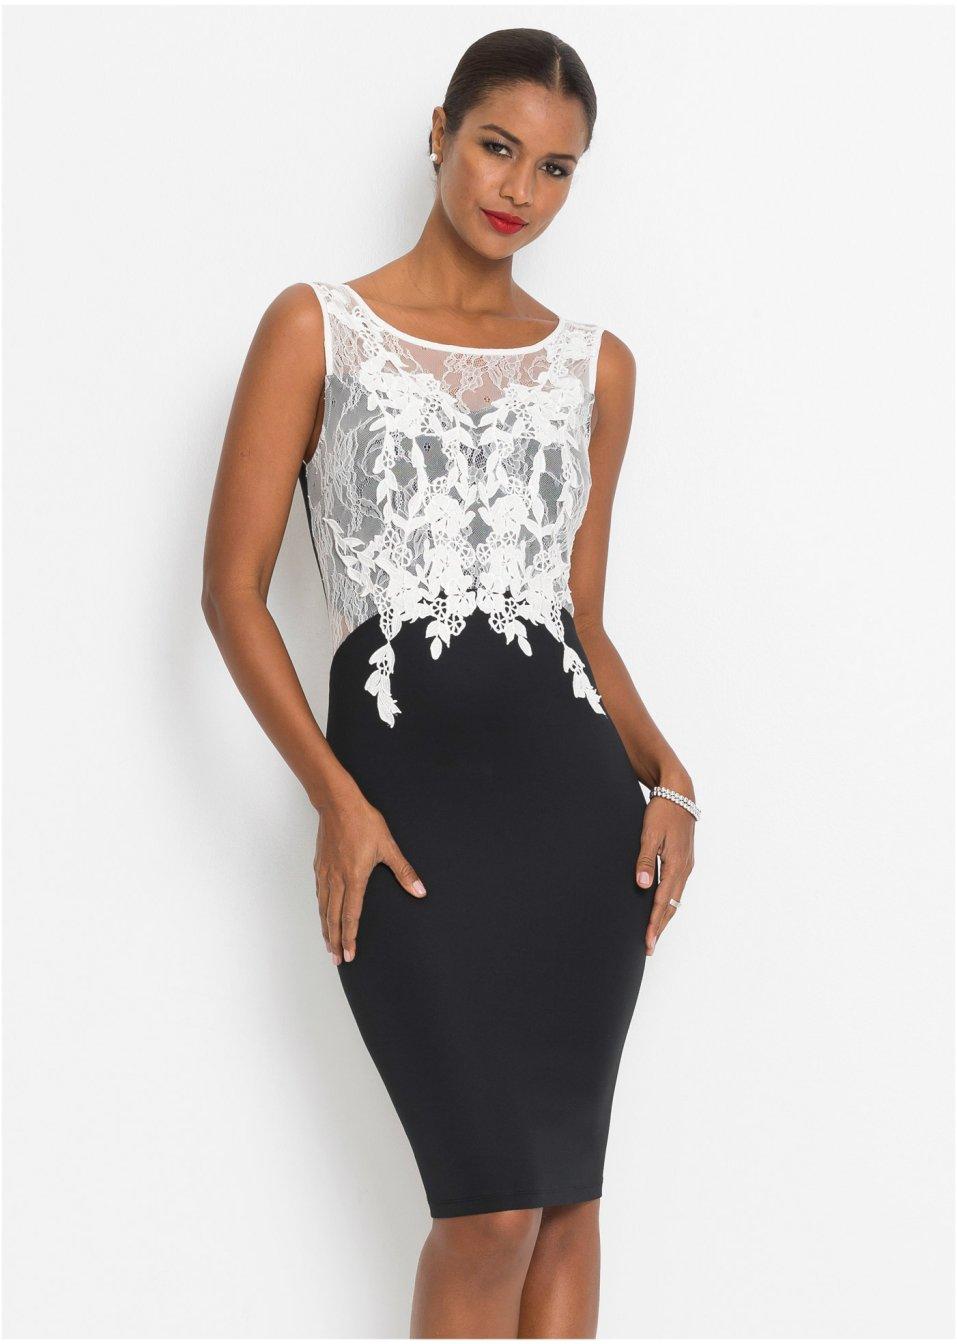 Kleid mit Spitze schwarz/weiß - Damen - bonprix.de